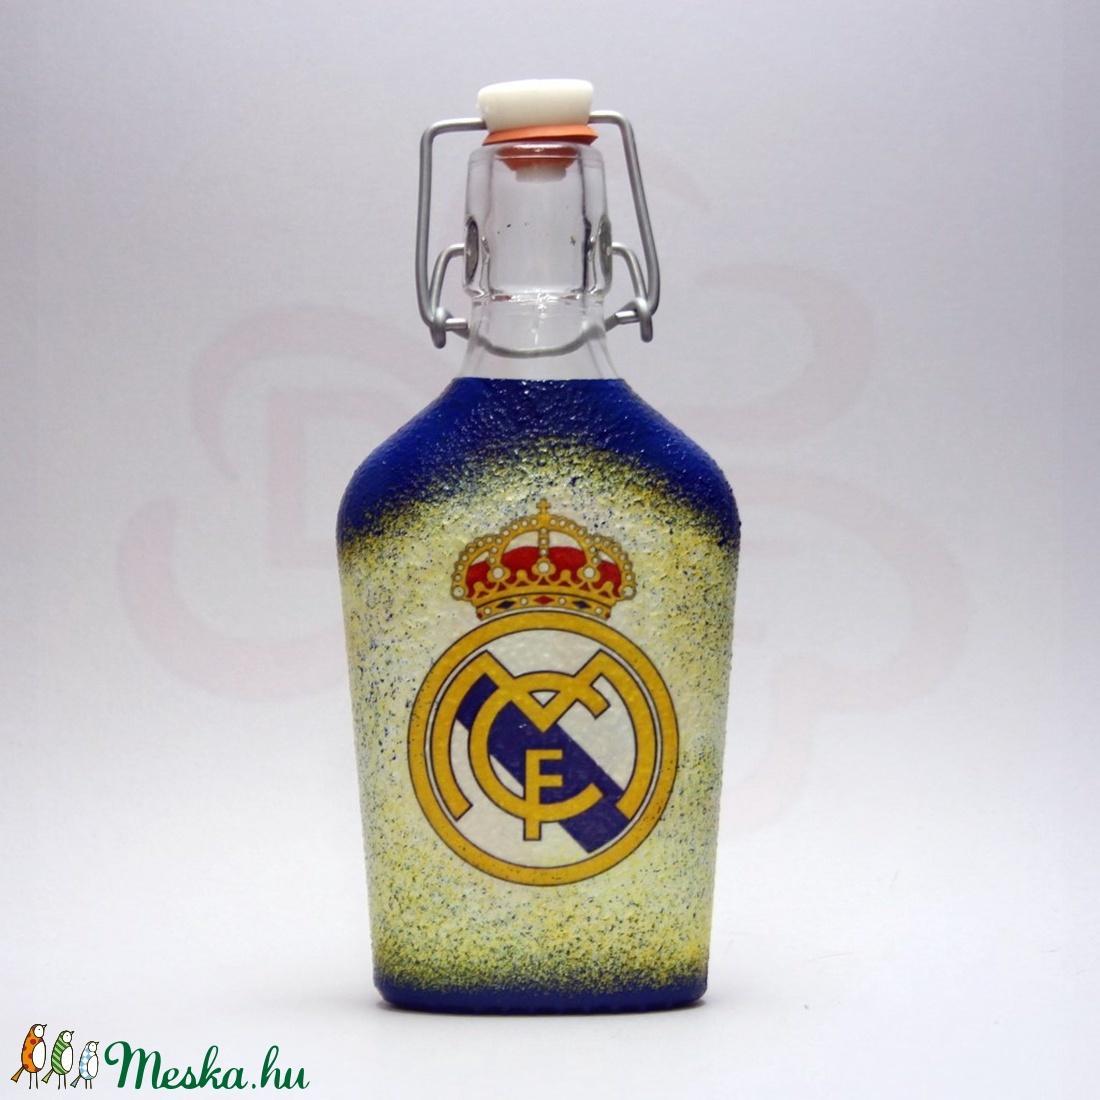 Real Madrid pálinkás csatosüveg ; Real futball szurkoló férfiaknak - Meska.hu